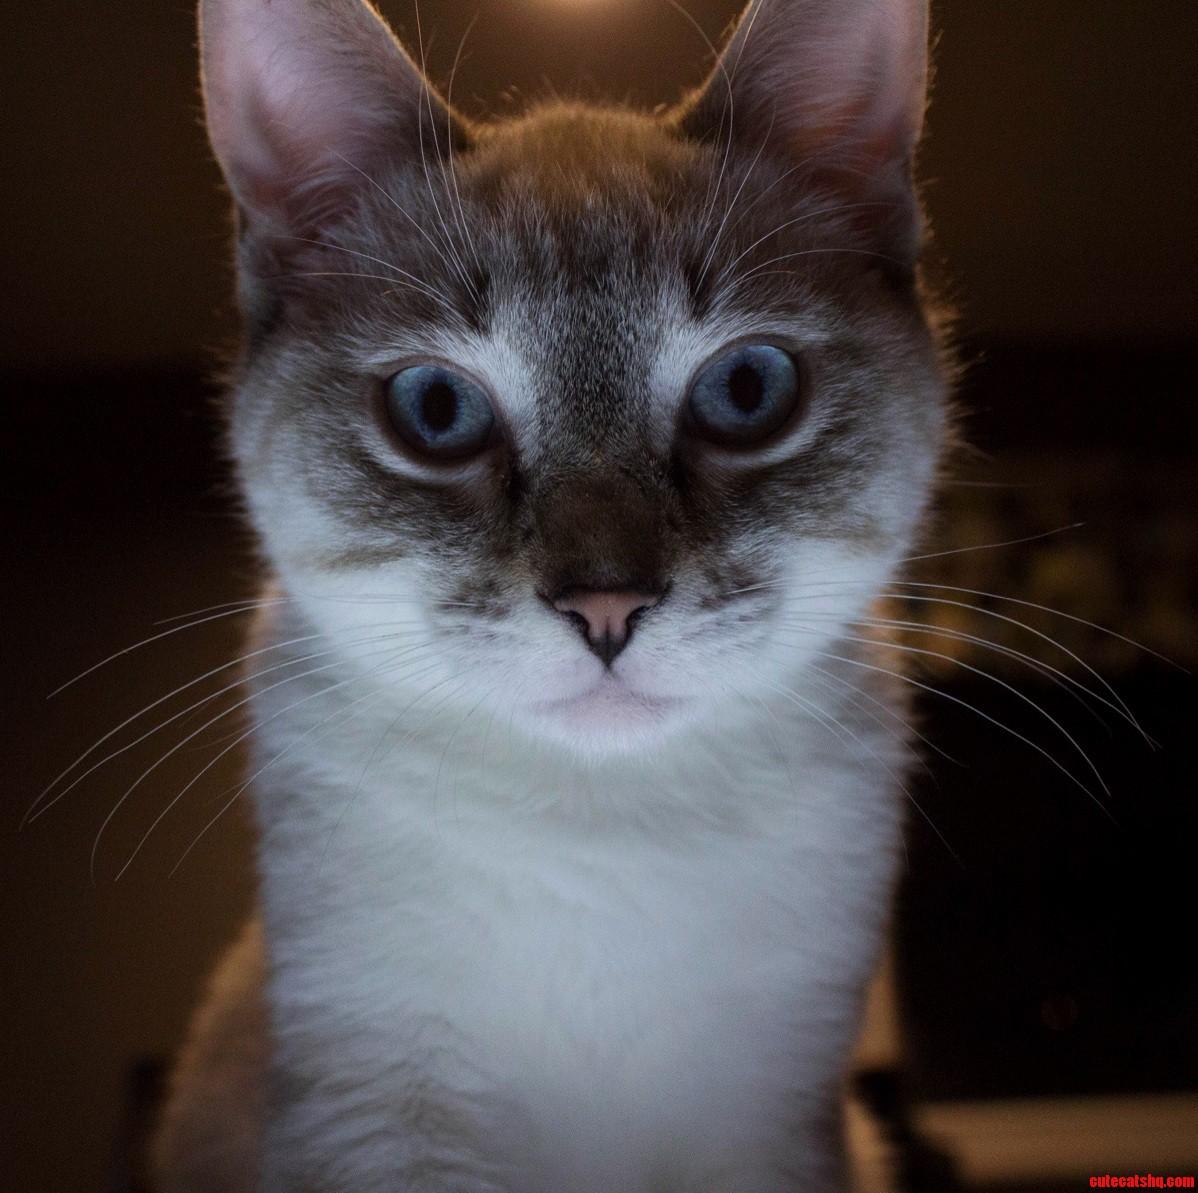 My boy Cosmo Kramer